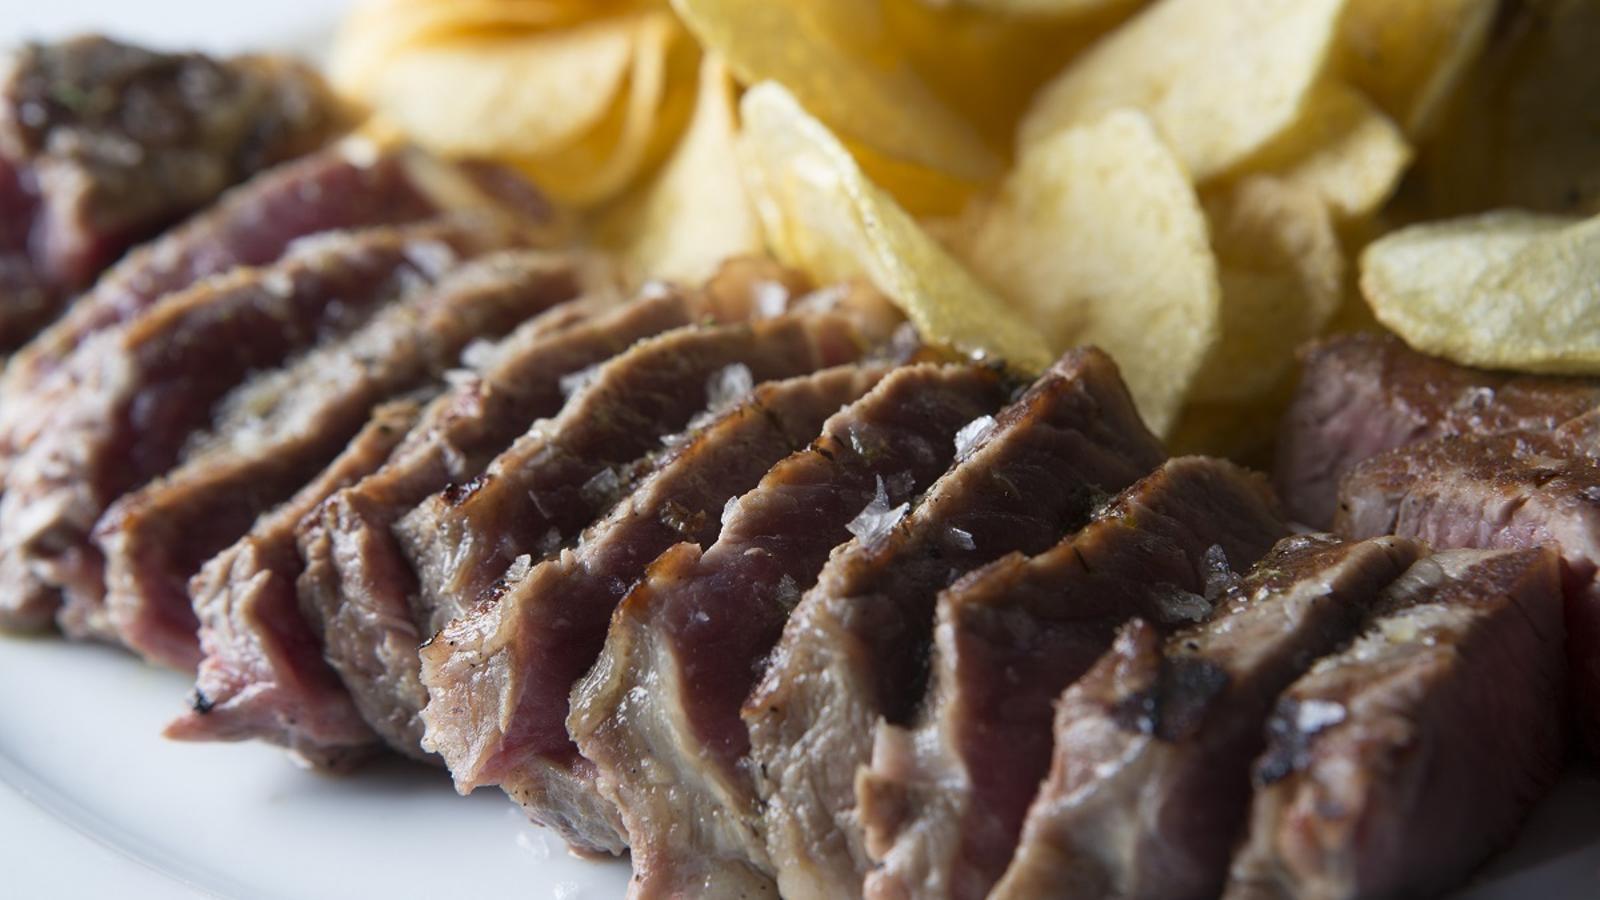 Un entrecot amb patates fregides: els territoris en fase 2 recuperen els restaurants i els clients